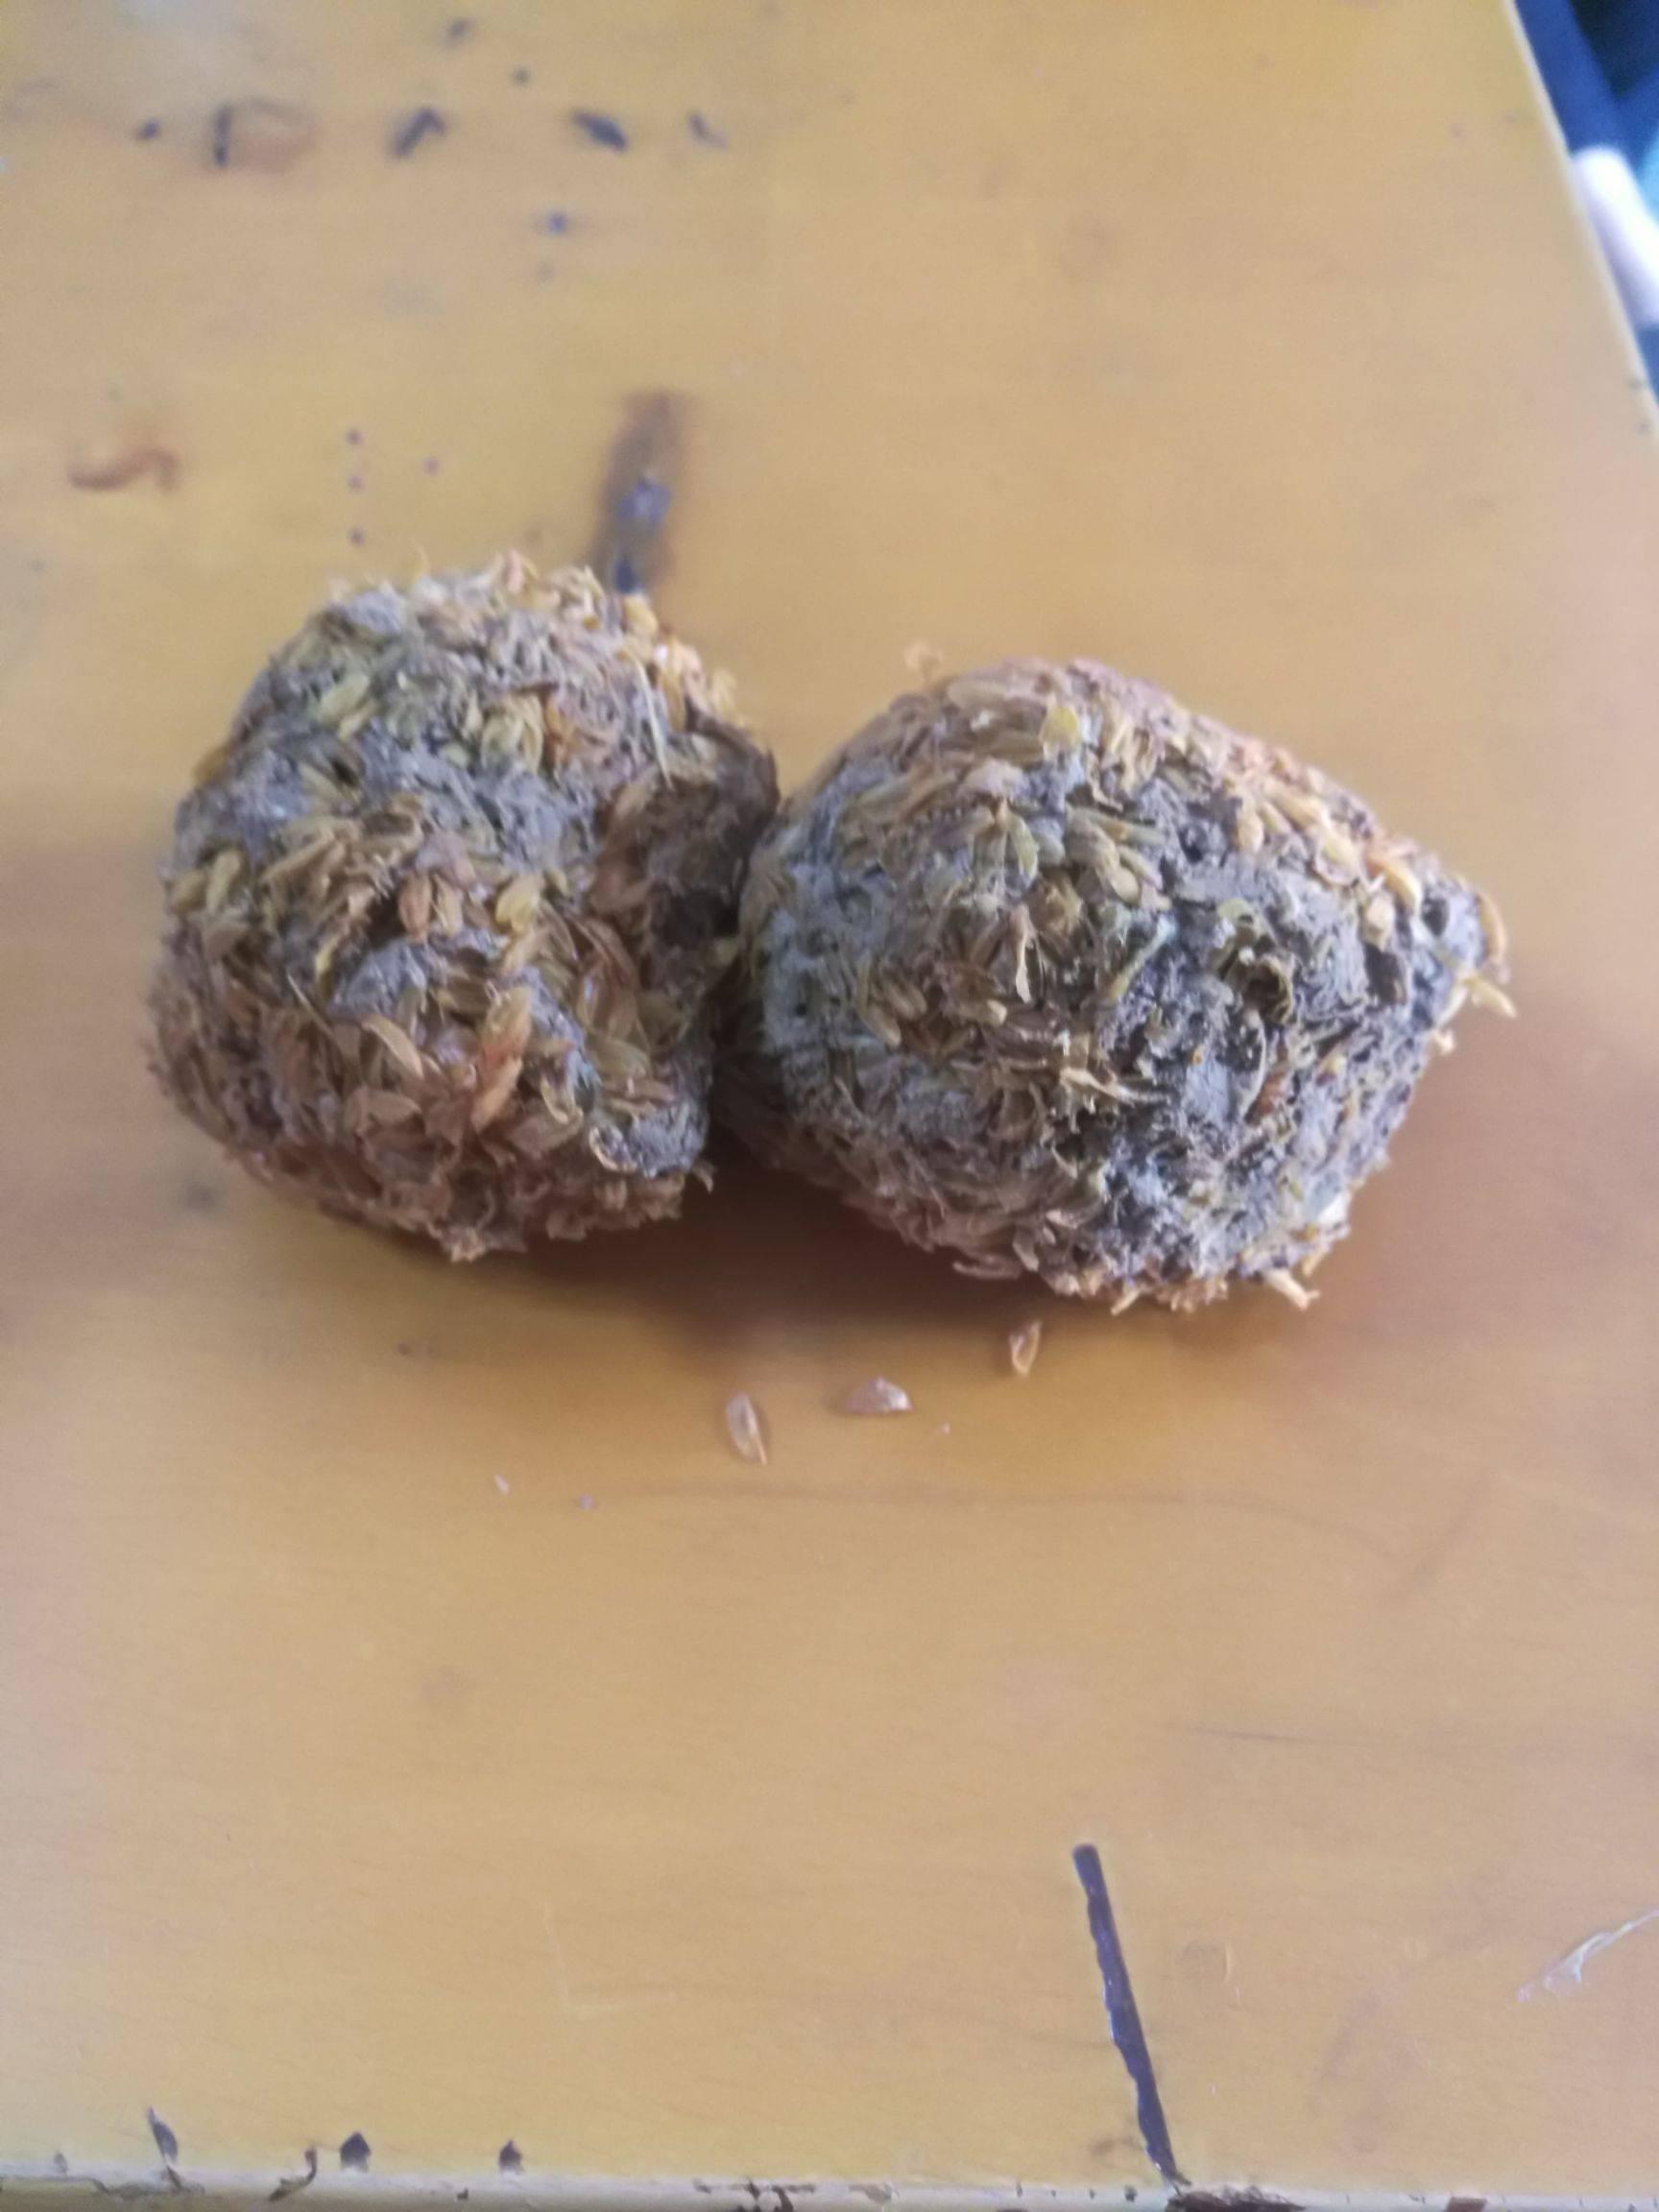 [松花鸭蛋批发]松花鸭蛋 传统工艺龙缸淹制价格0.87元/个